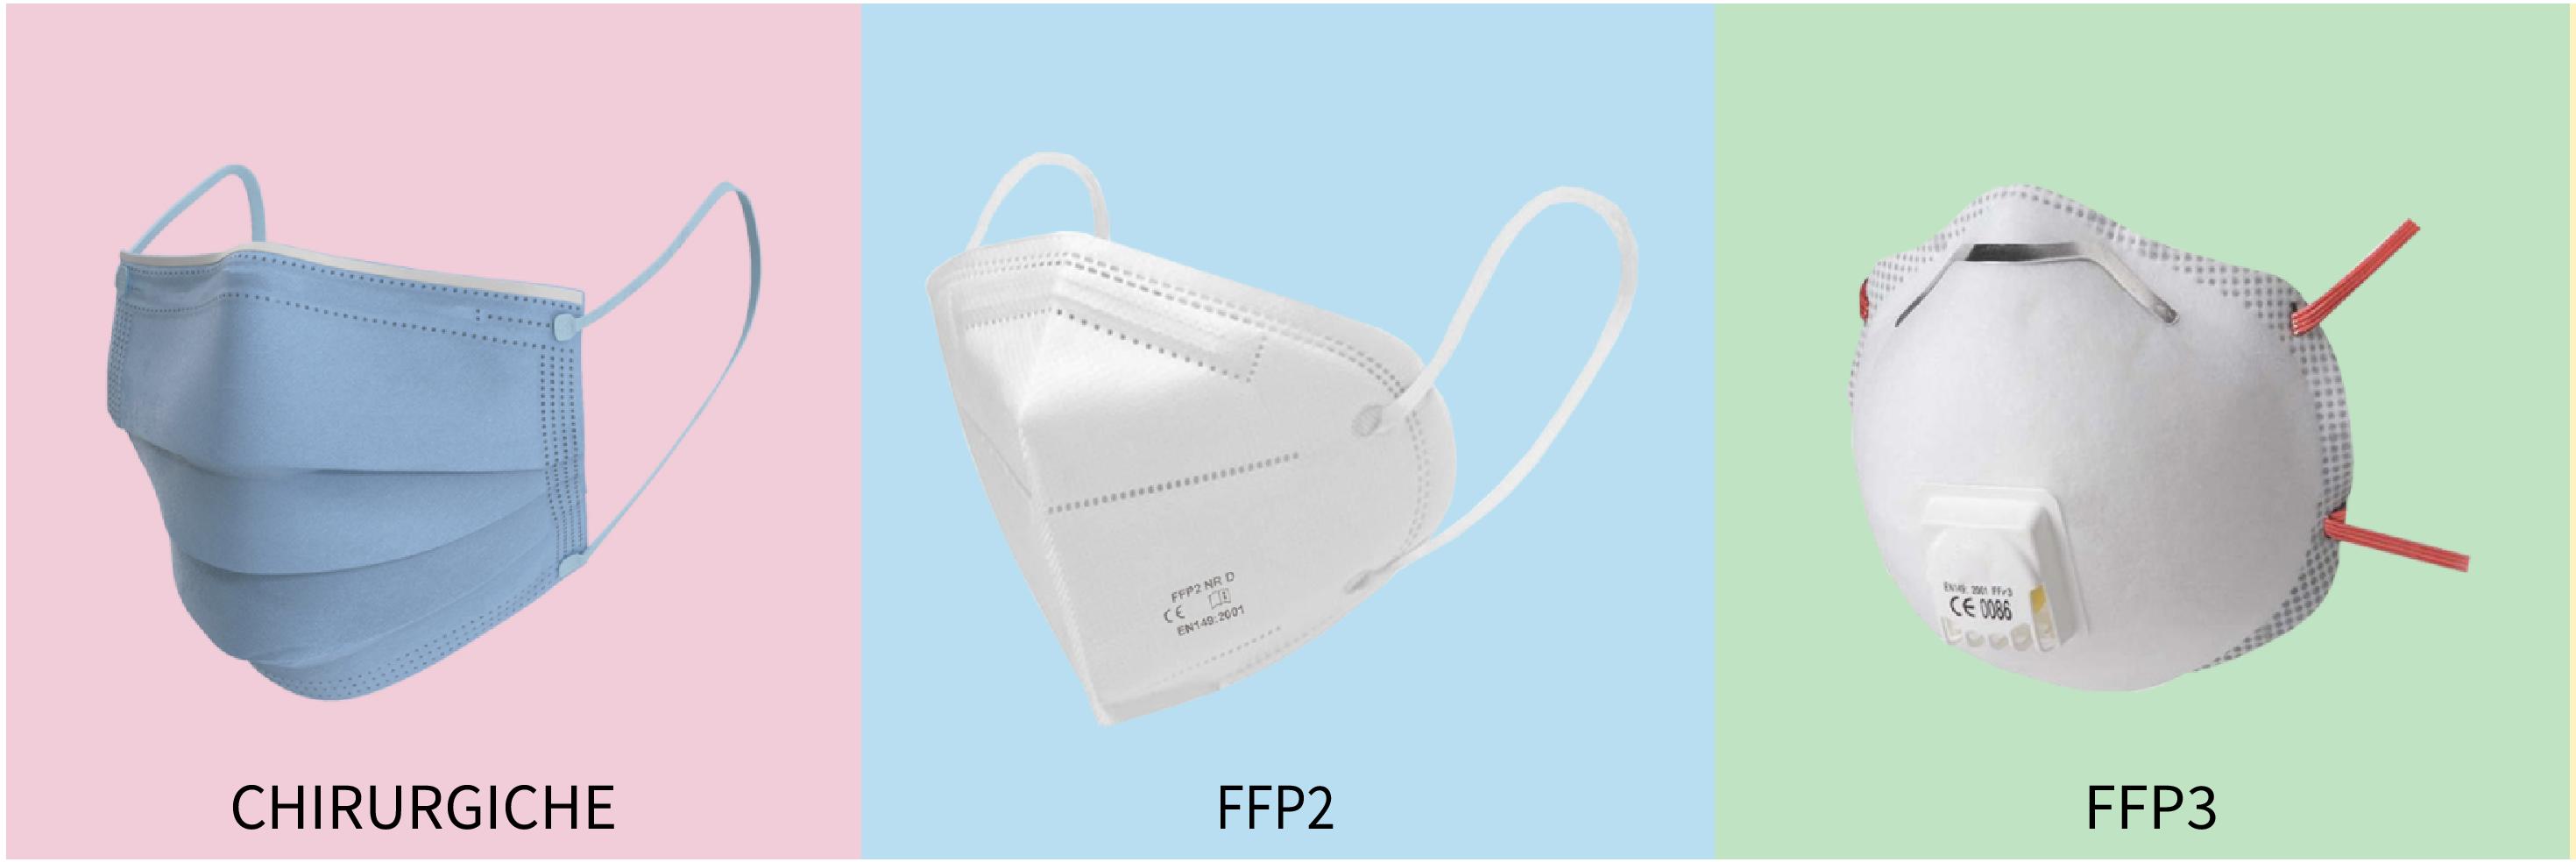 differenza mascherina chirurgica ffp2 ffp3